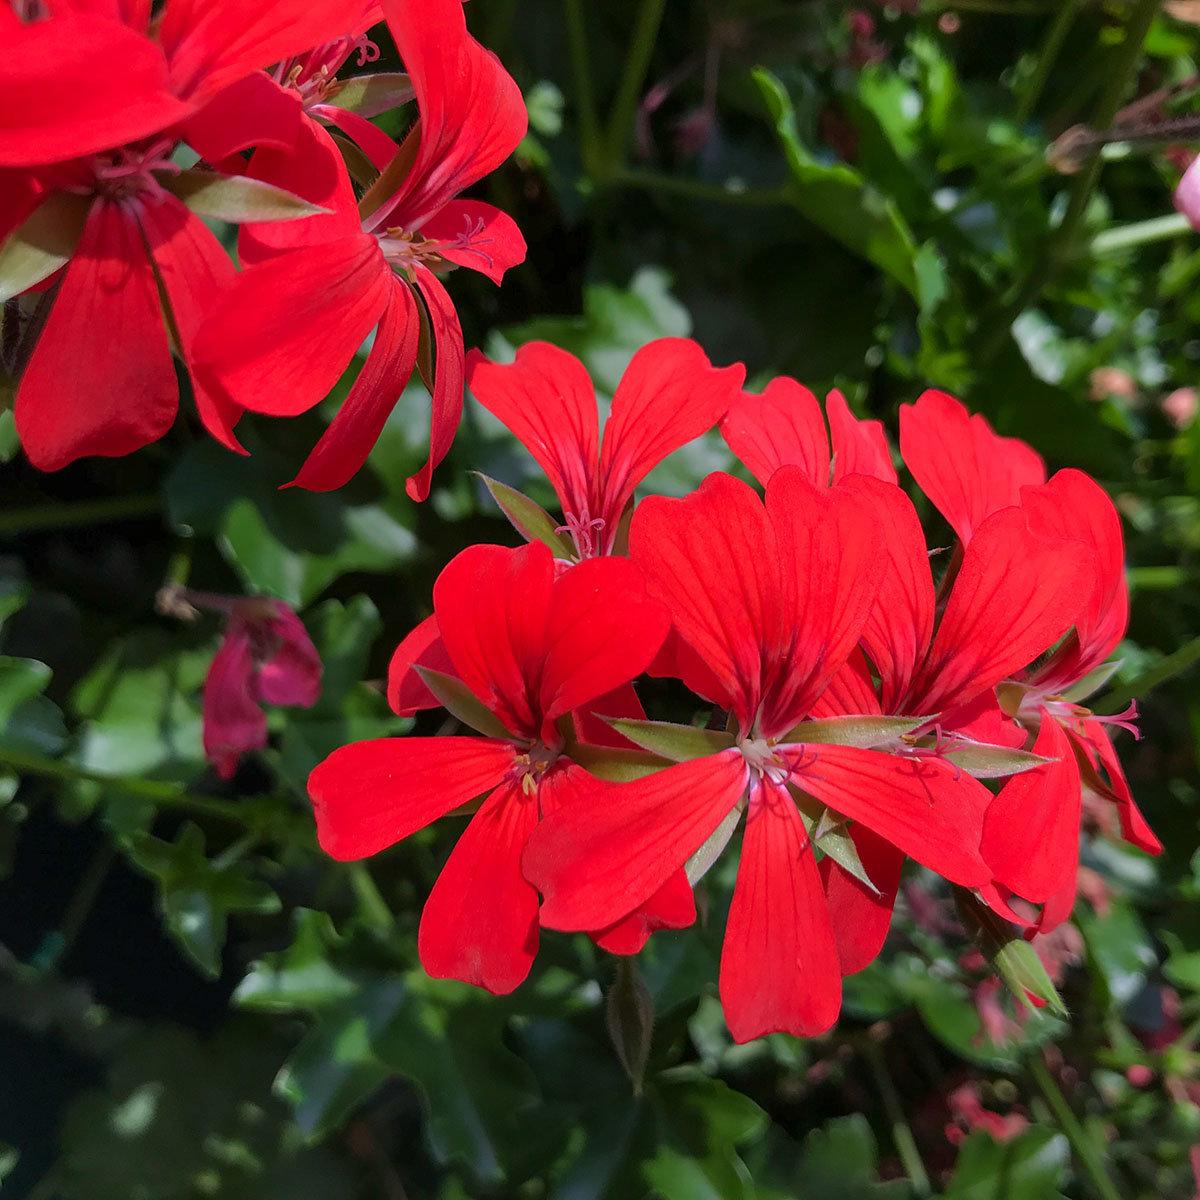 Sommerblumen-Set Hänge-Geranien, 6 Stück, im ca. 12 cm-Topf | #5